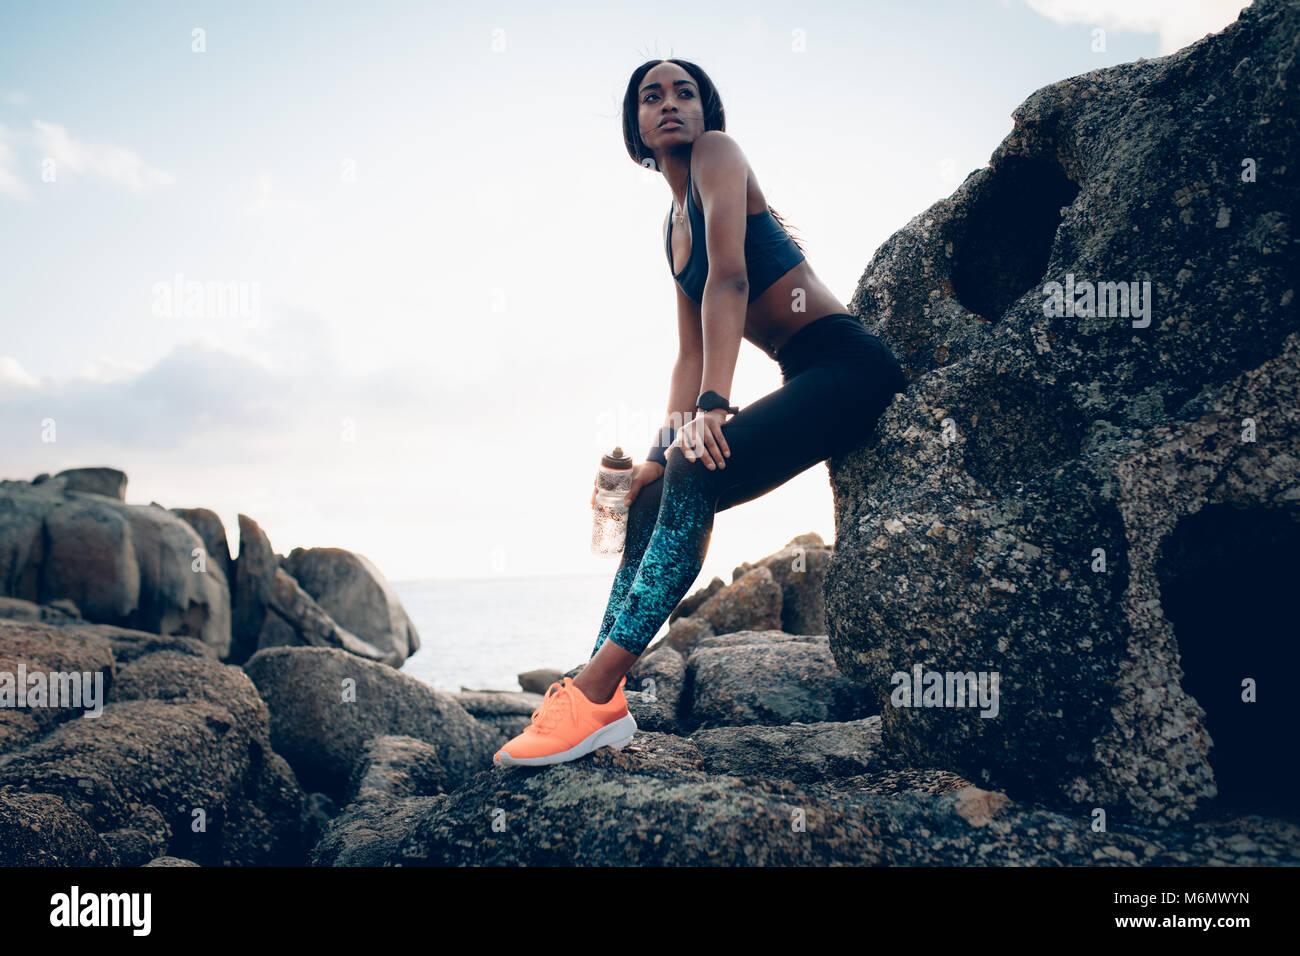 Un sano donna africana con una bottiglia di acqua seduto su una roccia. Rilassante femmina dopo esercizio all'esterno. Foto Stock